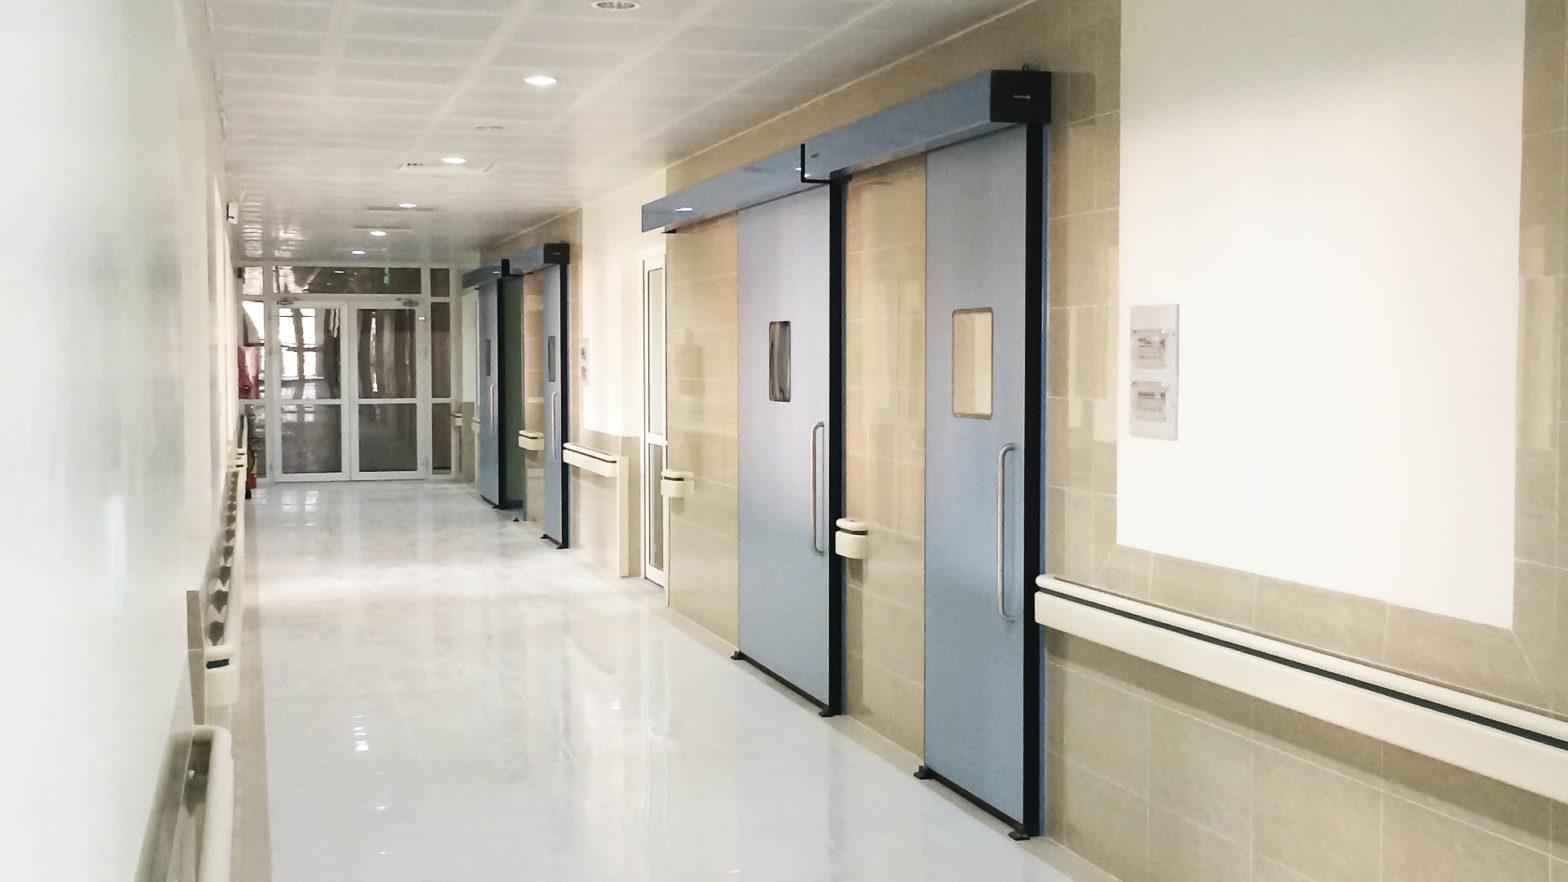 hospital puertas automaticas sanidad health automatic door